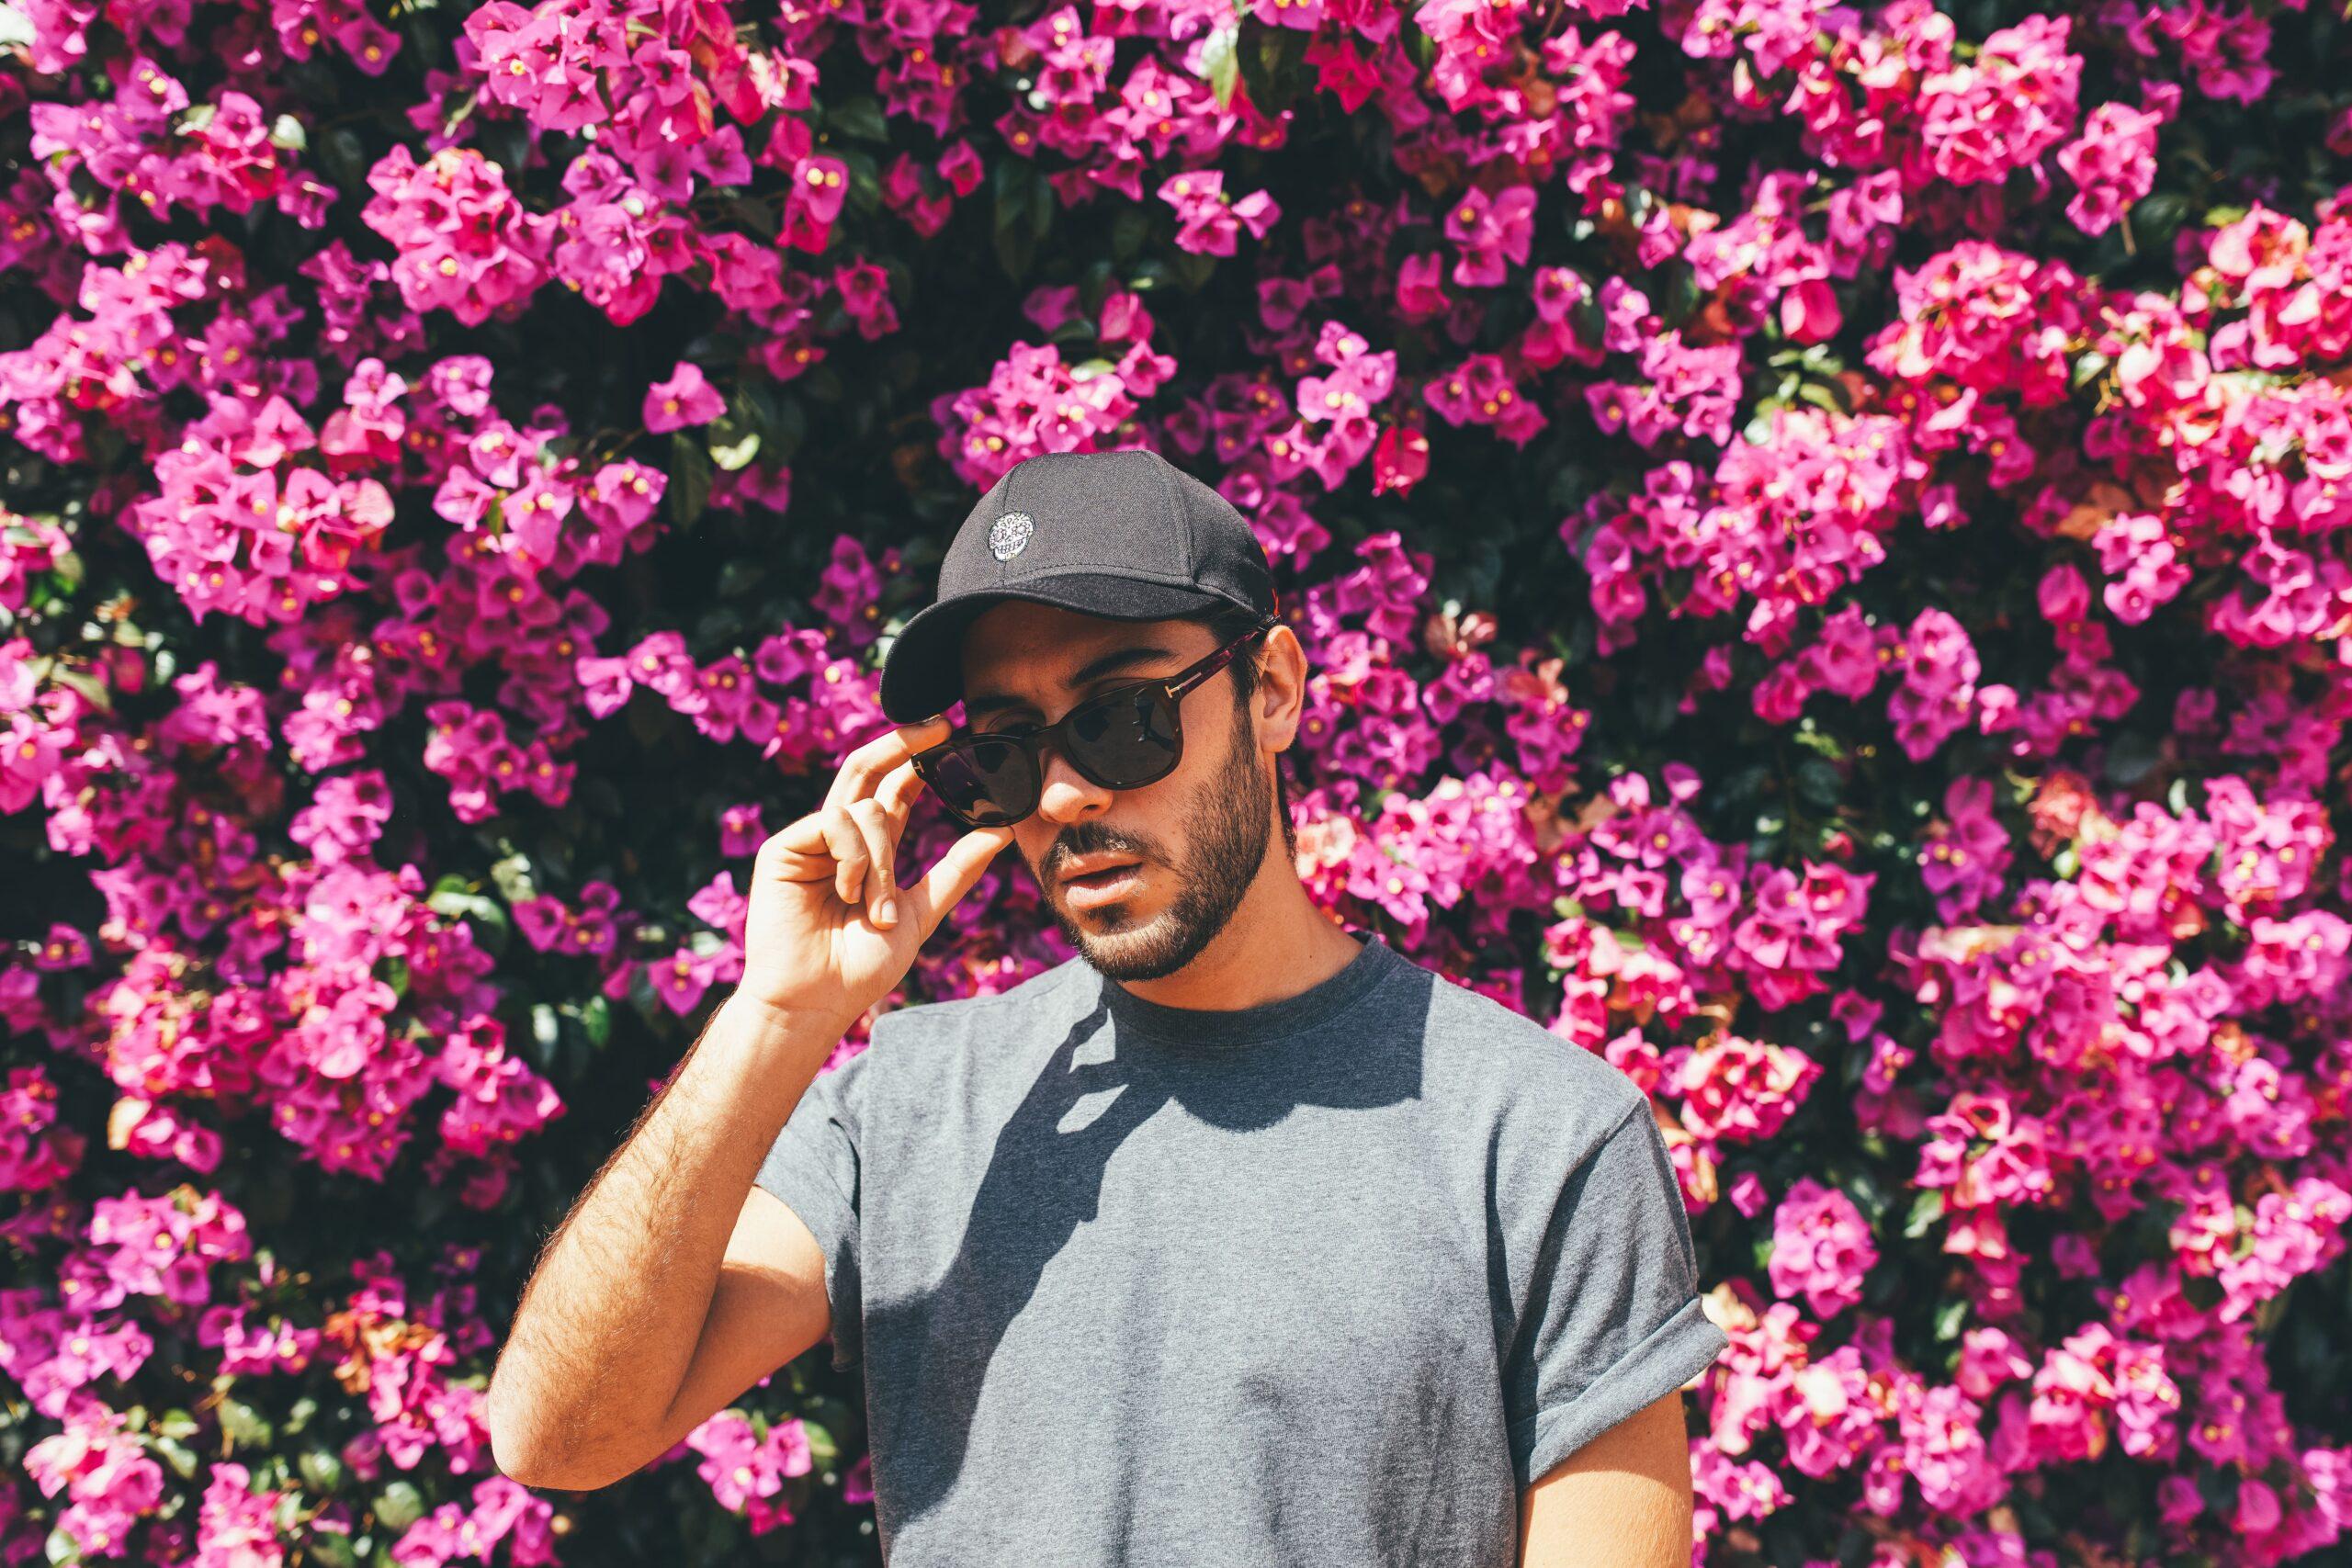 7-Tache-Gorras-Style-Hat-Pinchebesu-Pinche_Besu-Besu-Besugo-Fotografo-Fotografia-Foto-Portrait-Ropa-Retrato-Photography-Photographer-Mexico-2021